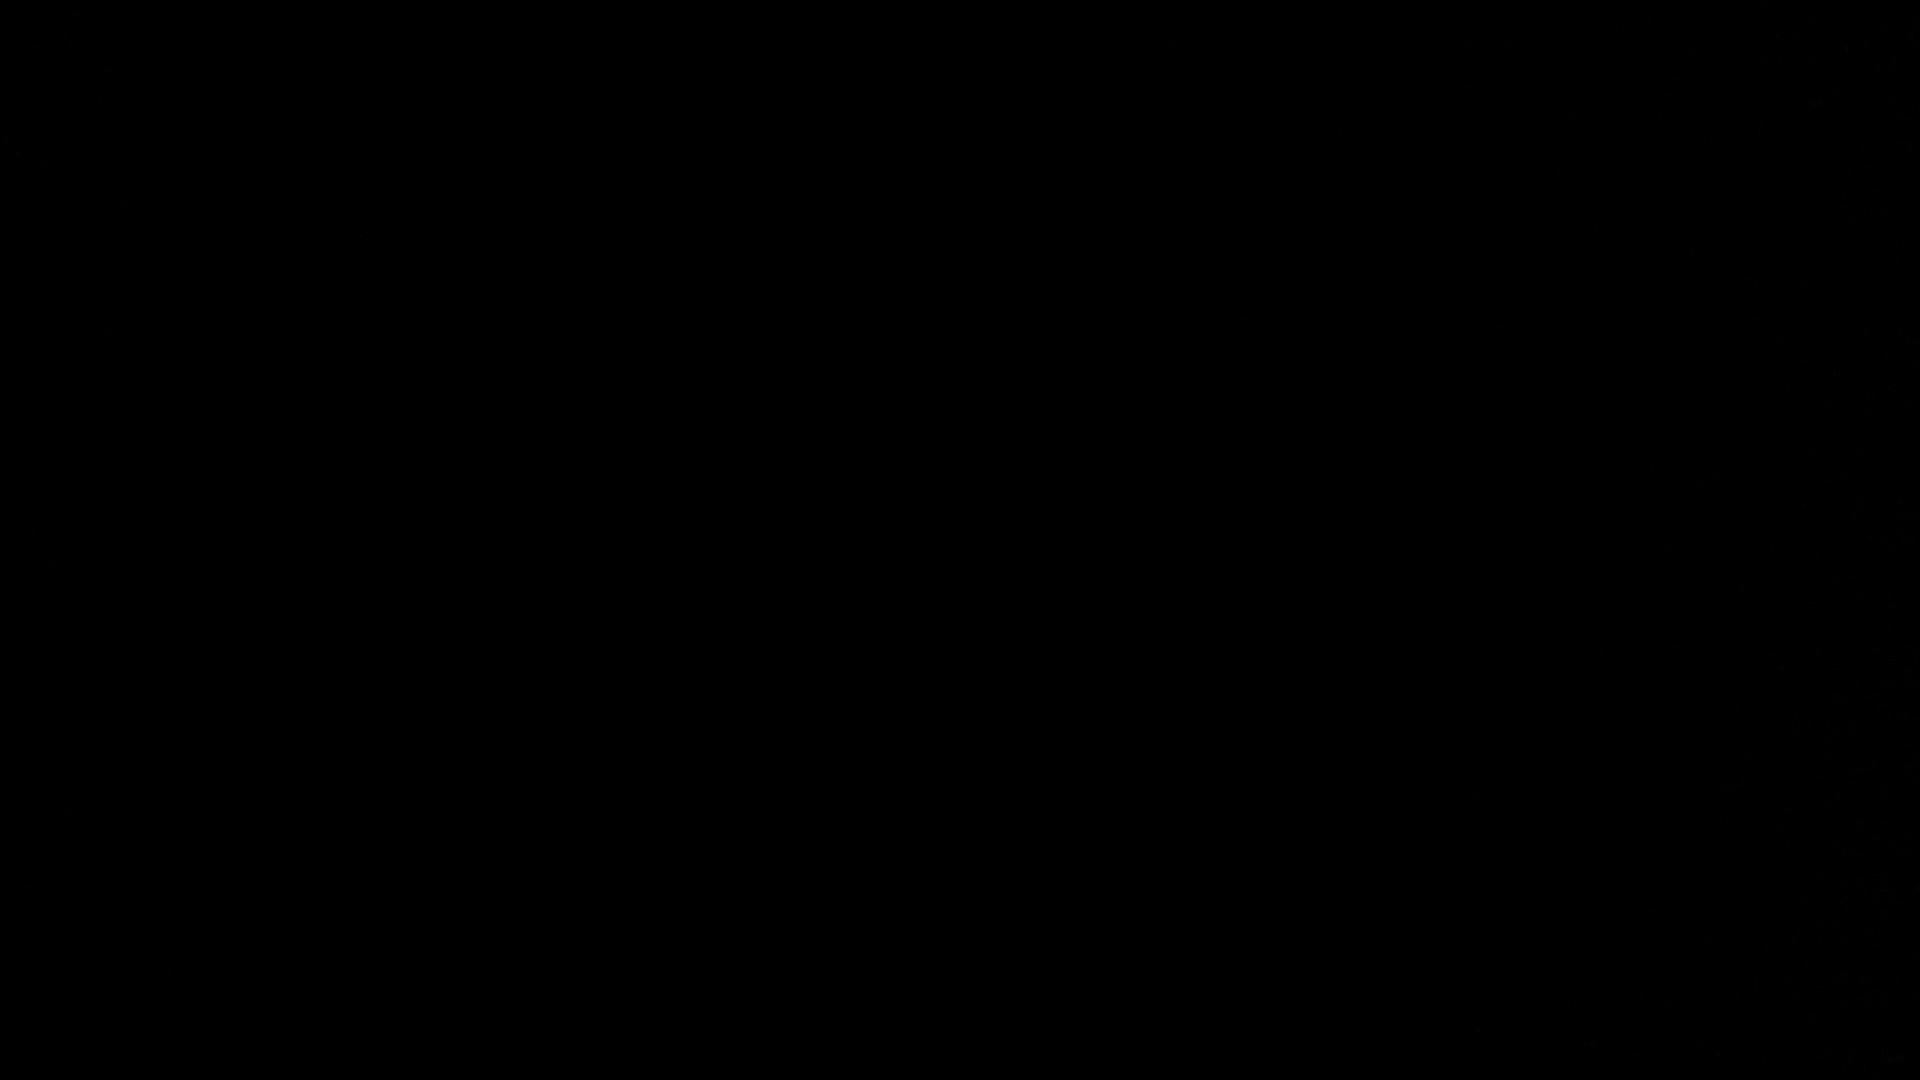 ゆめかわ男子のゆめかわオナニージャニーズ編vol.09 男・男・男 | スリム美少年系ジャニ系  84枚 26